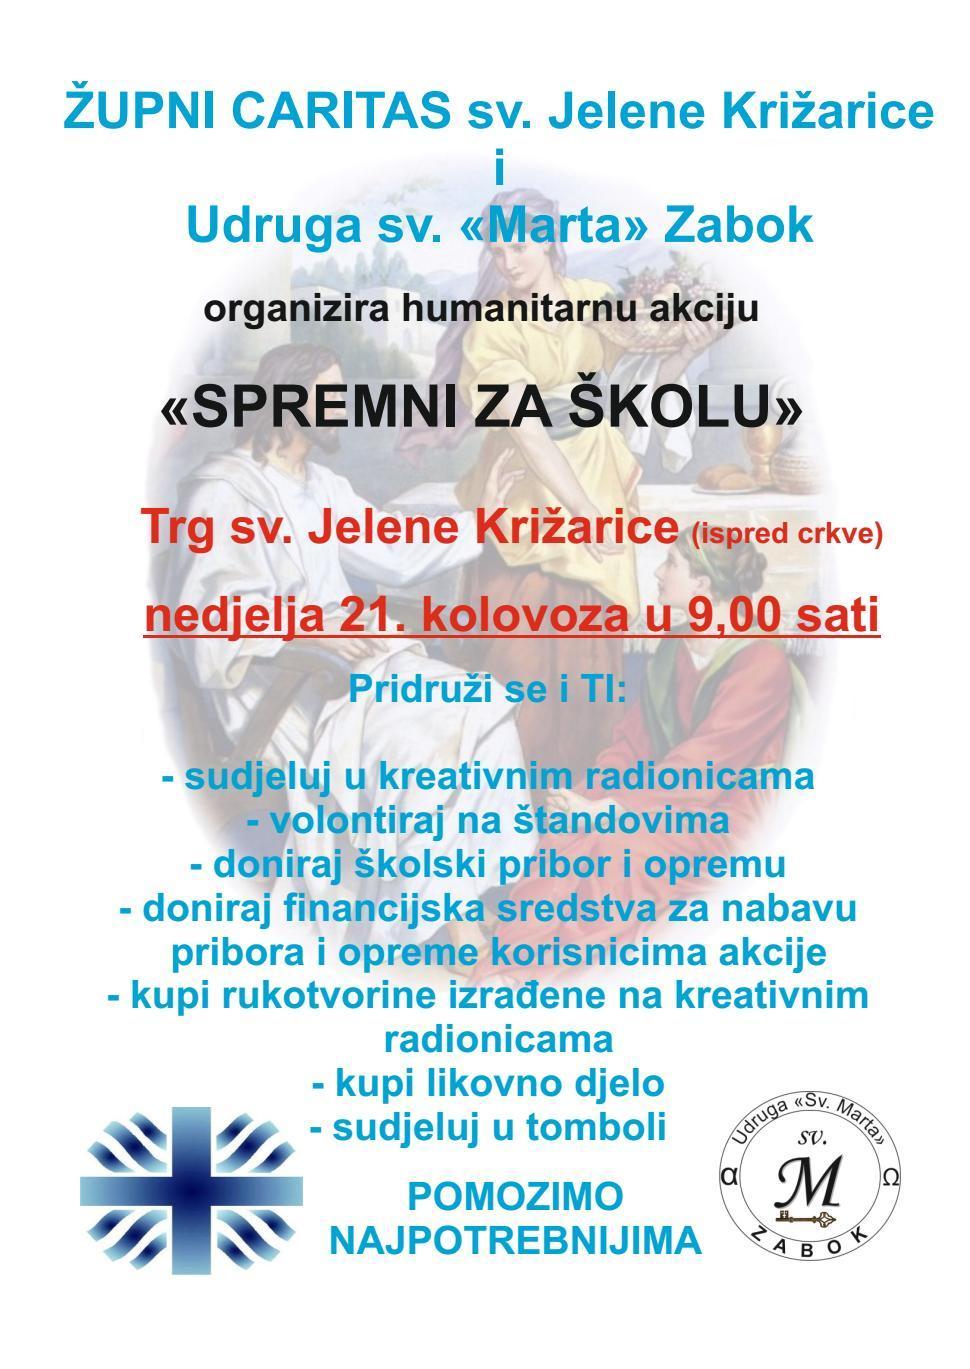 akcija spremni za školu plakat-001